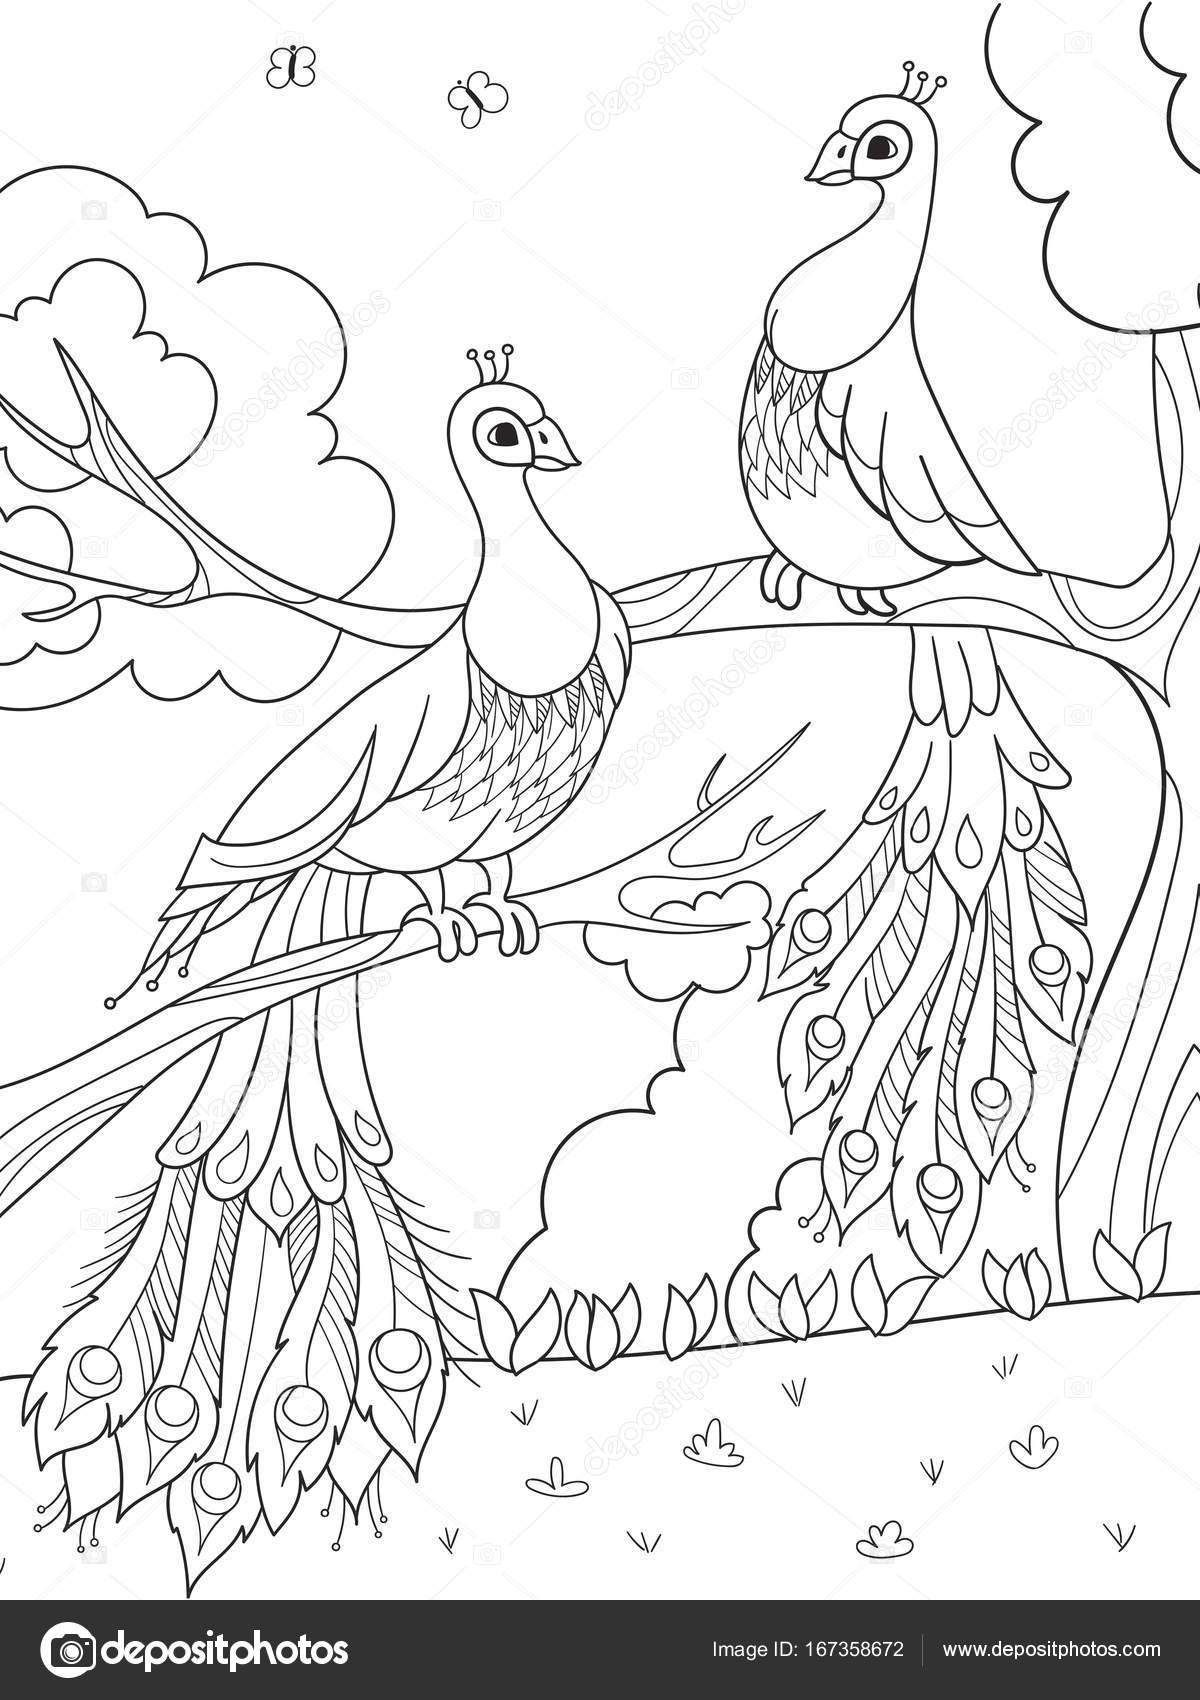 Para colorear dibujos animados para niños. Un pájaro, una pluma de ...